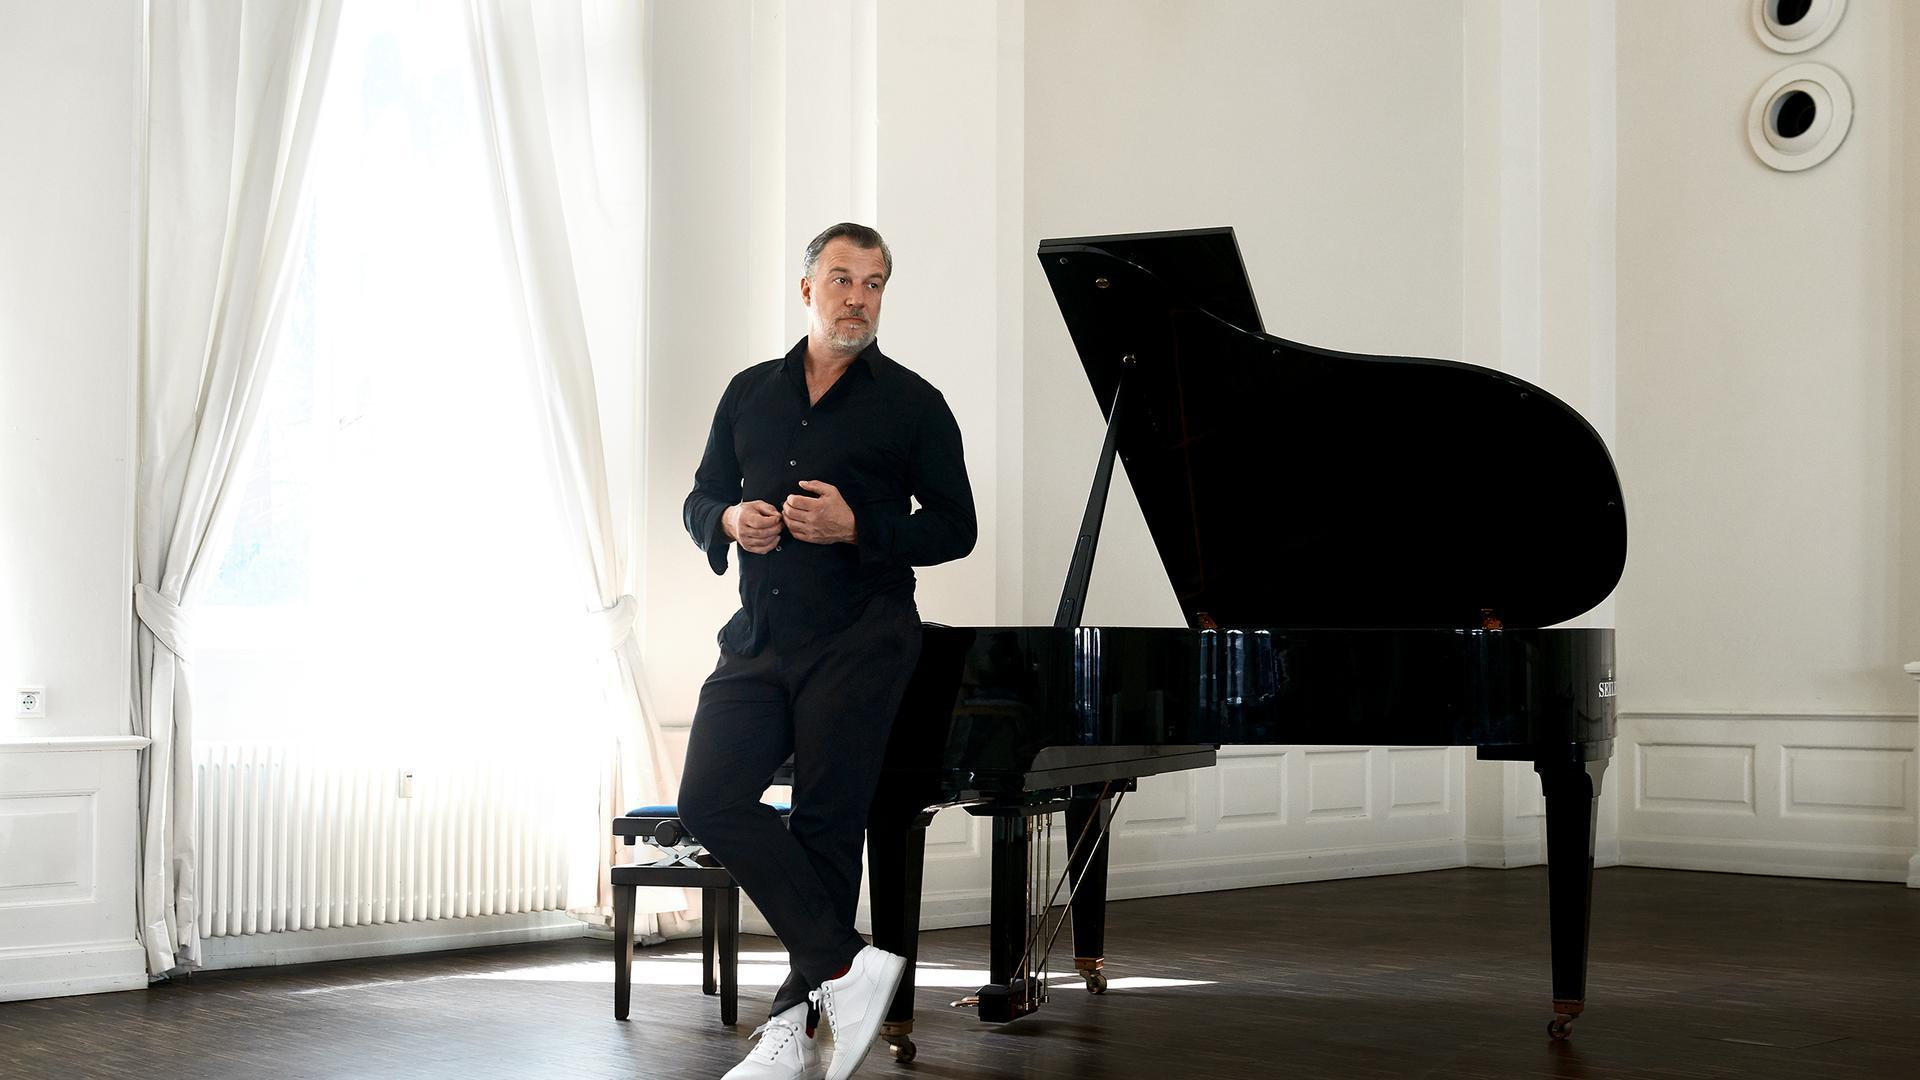 Marc Marshall spielt am 9.12.2020 sein 100. Online-Konzert / über 2 Millionen erreichte Zuschauer